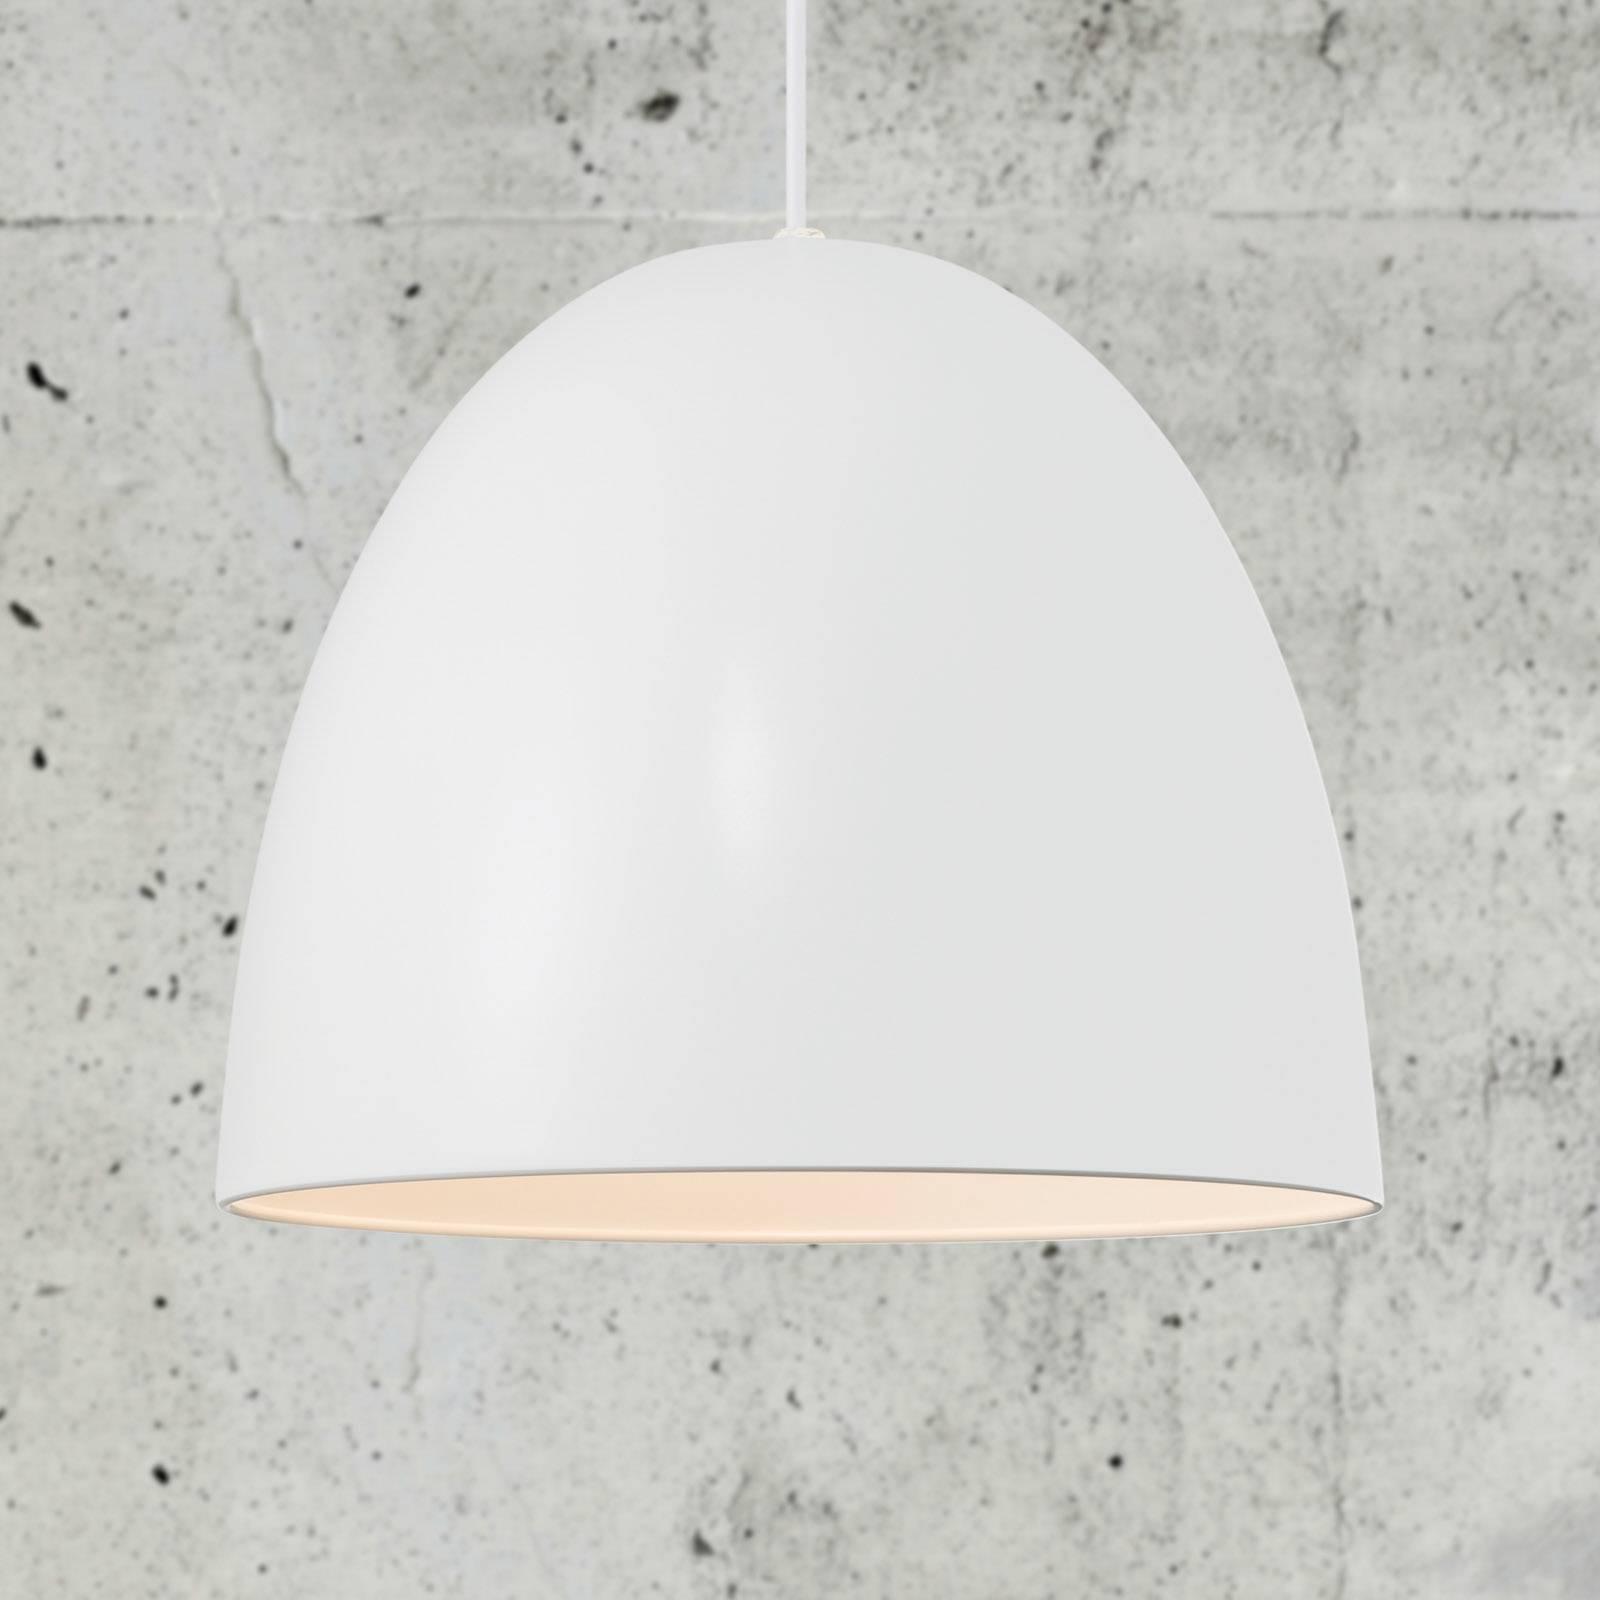 Billede af Alexander hængelampe med metalskærm, hvid